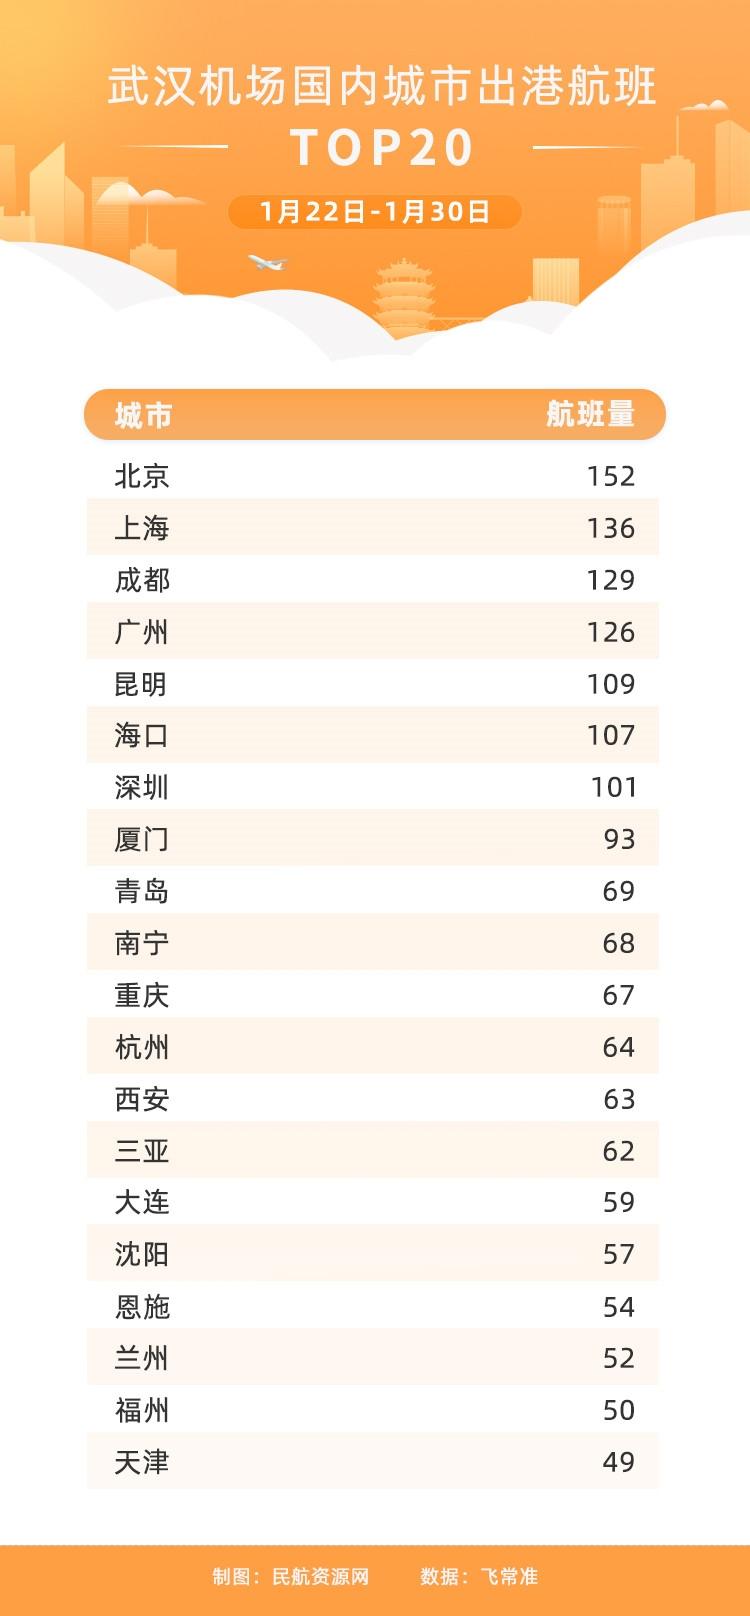 1.22-1.30武汉机场国内城市出港航班量TOP20